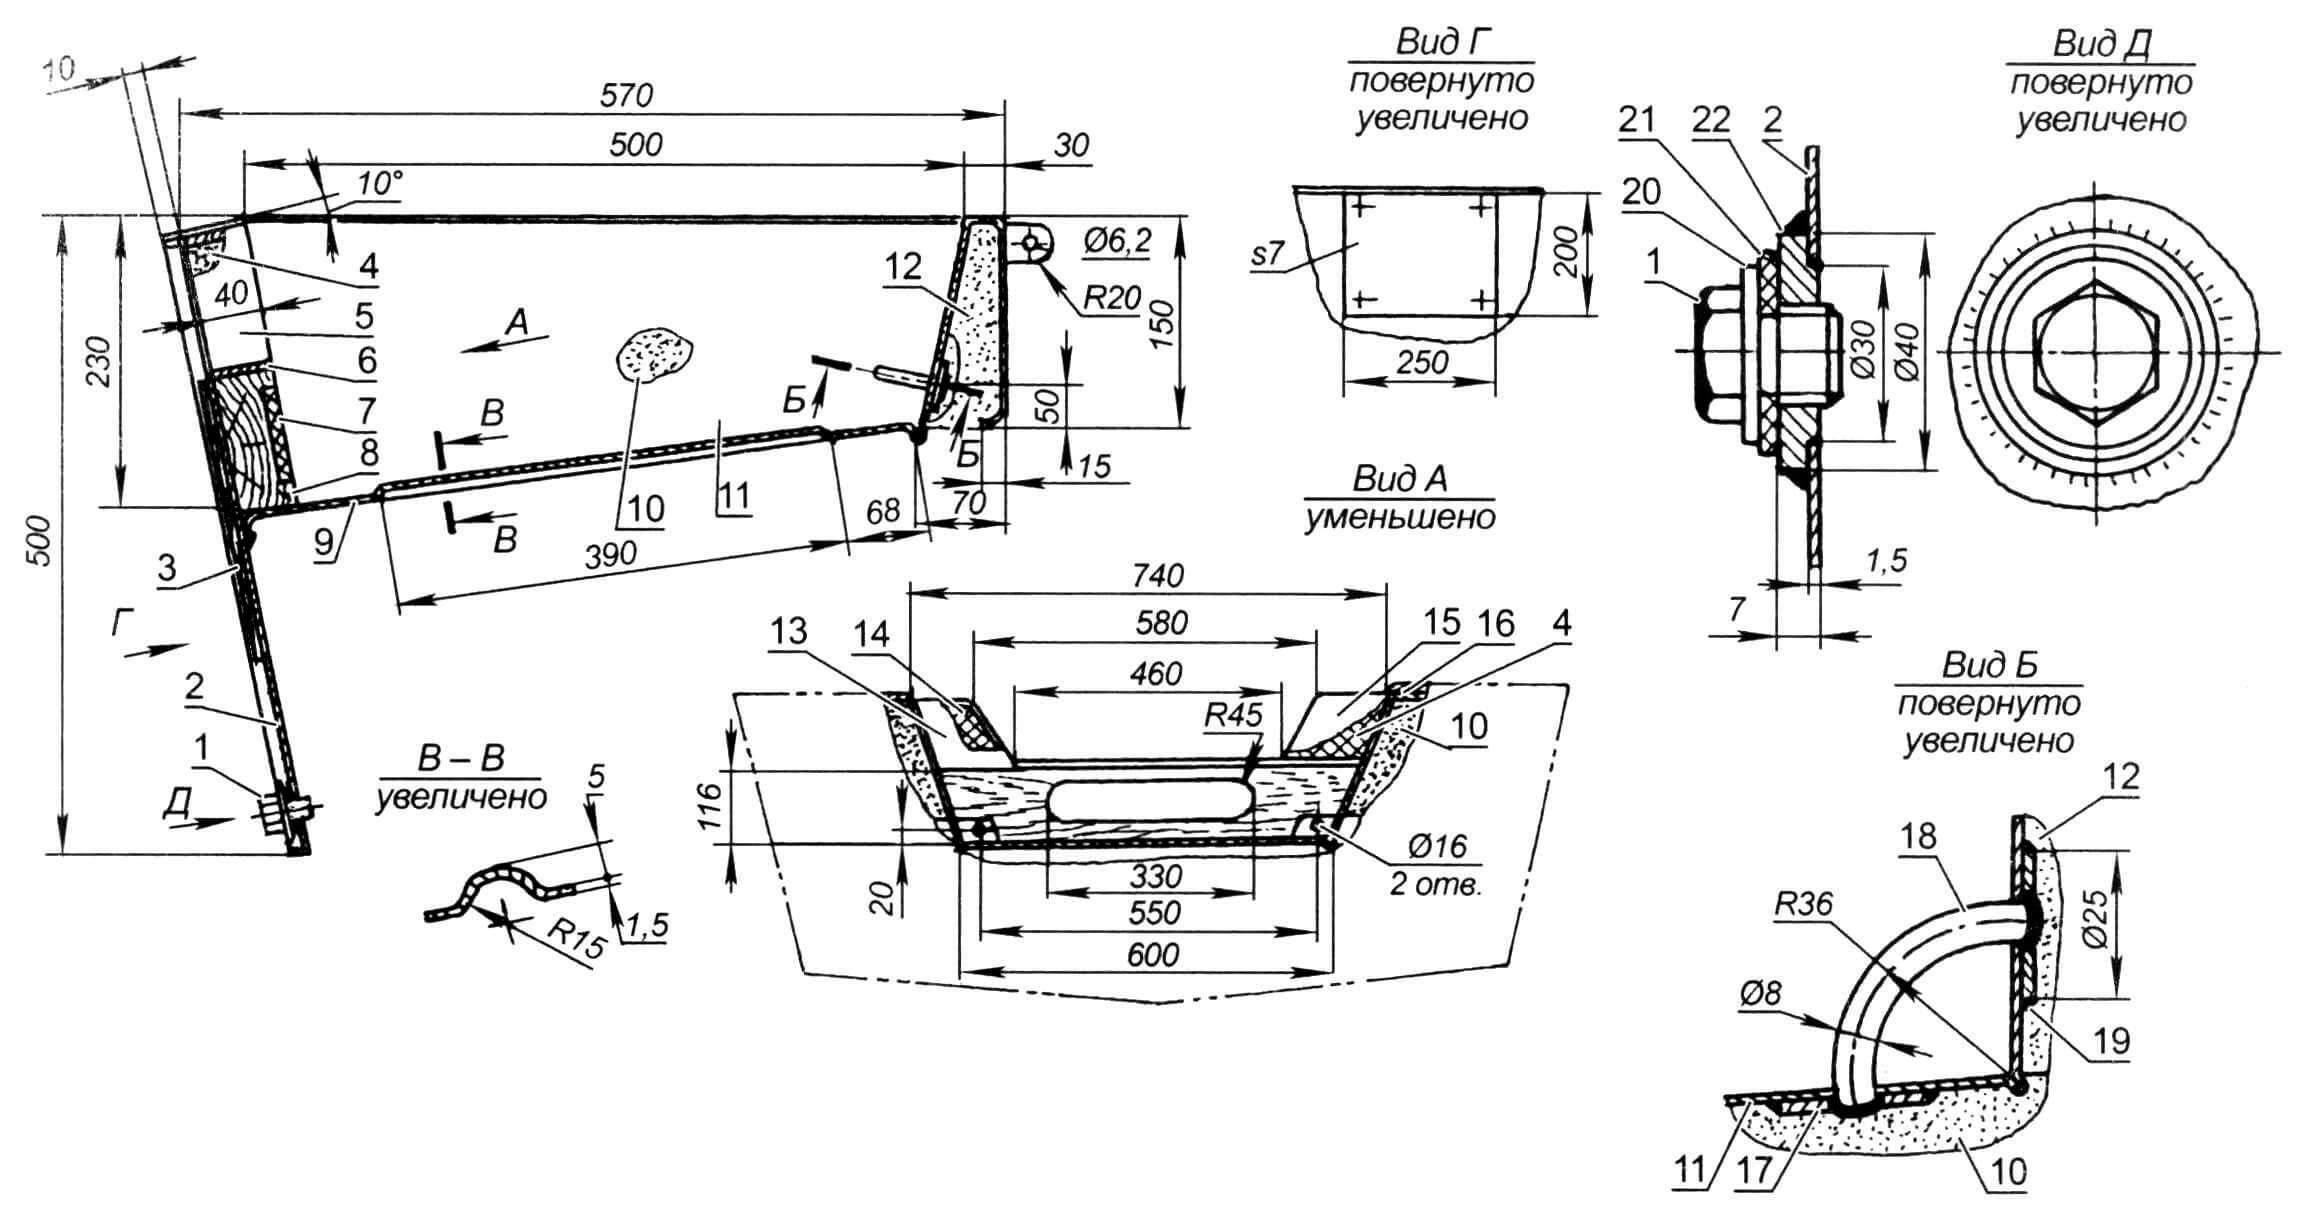 Конструкция ахтерпика: 1 - резьбовая пробка М16х1,5 (Д16Т); 2 - транец; 3 - накладка (бакелизированная фанера s7 мм); 4, 14 - транцевые блоки плавучести (пенопласт ПС-1); 5 - левый транцевый стрингер (сталь, полоса 40x4 мм); 6 - сквозной транцевый стрингер (сталь, полоса 40x4 мм); 7 - вкладыш (резинотканевый коврик s8 мм); 8 - транцевая доска (сосна, доска s40 мм); 9 - дно подмоторной ниши (сталь, лист s1,5 мм); 10 - левый кормовой блок плавучести (пенопласт ПХВ-1); 11 - левая боковина подмоторной ниши (сталь, лист s1,5 мм); 12 - срединный блок плавучести (пенопласт ПС-1); 13, 15 - зашивки транцевых блоков плавучести (сталь, лист s1,5 мм); 16-кормовая палуба (сталь, лист s1,5 мм); 17,19 - шайбы-подкладки (сталь, лист s2 мм); 18 - левая страховочная скоба (сталь, пруток ø 8 мм); 20 - шайба; 21 - уплотнительное кольцо (резина); 22 - приварная гайка М16х1,5 (сталь, лист s7 мм)